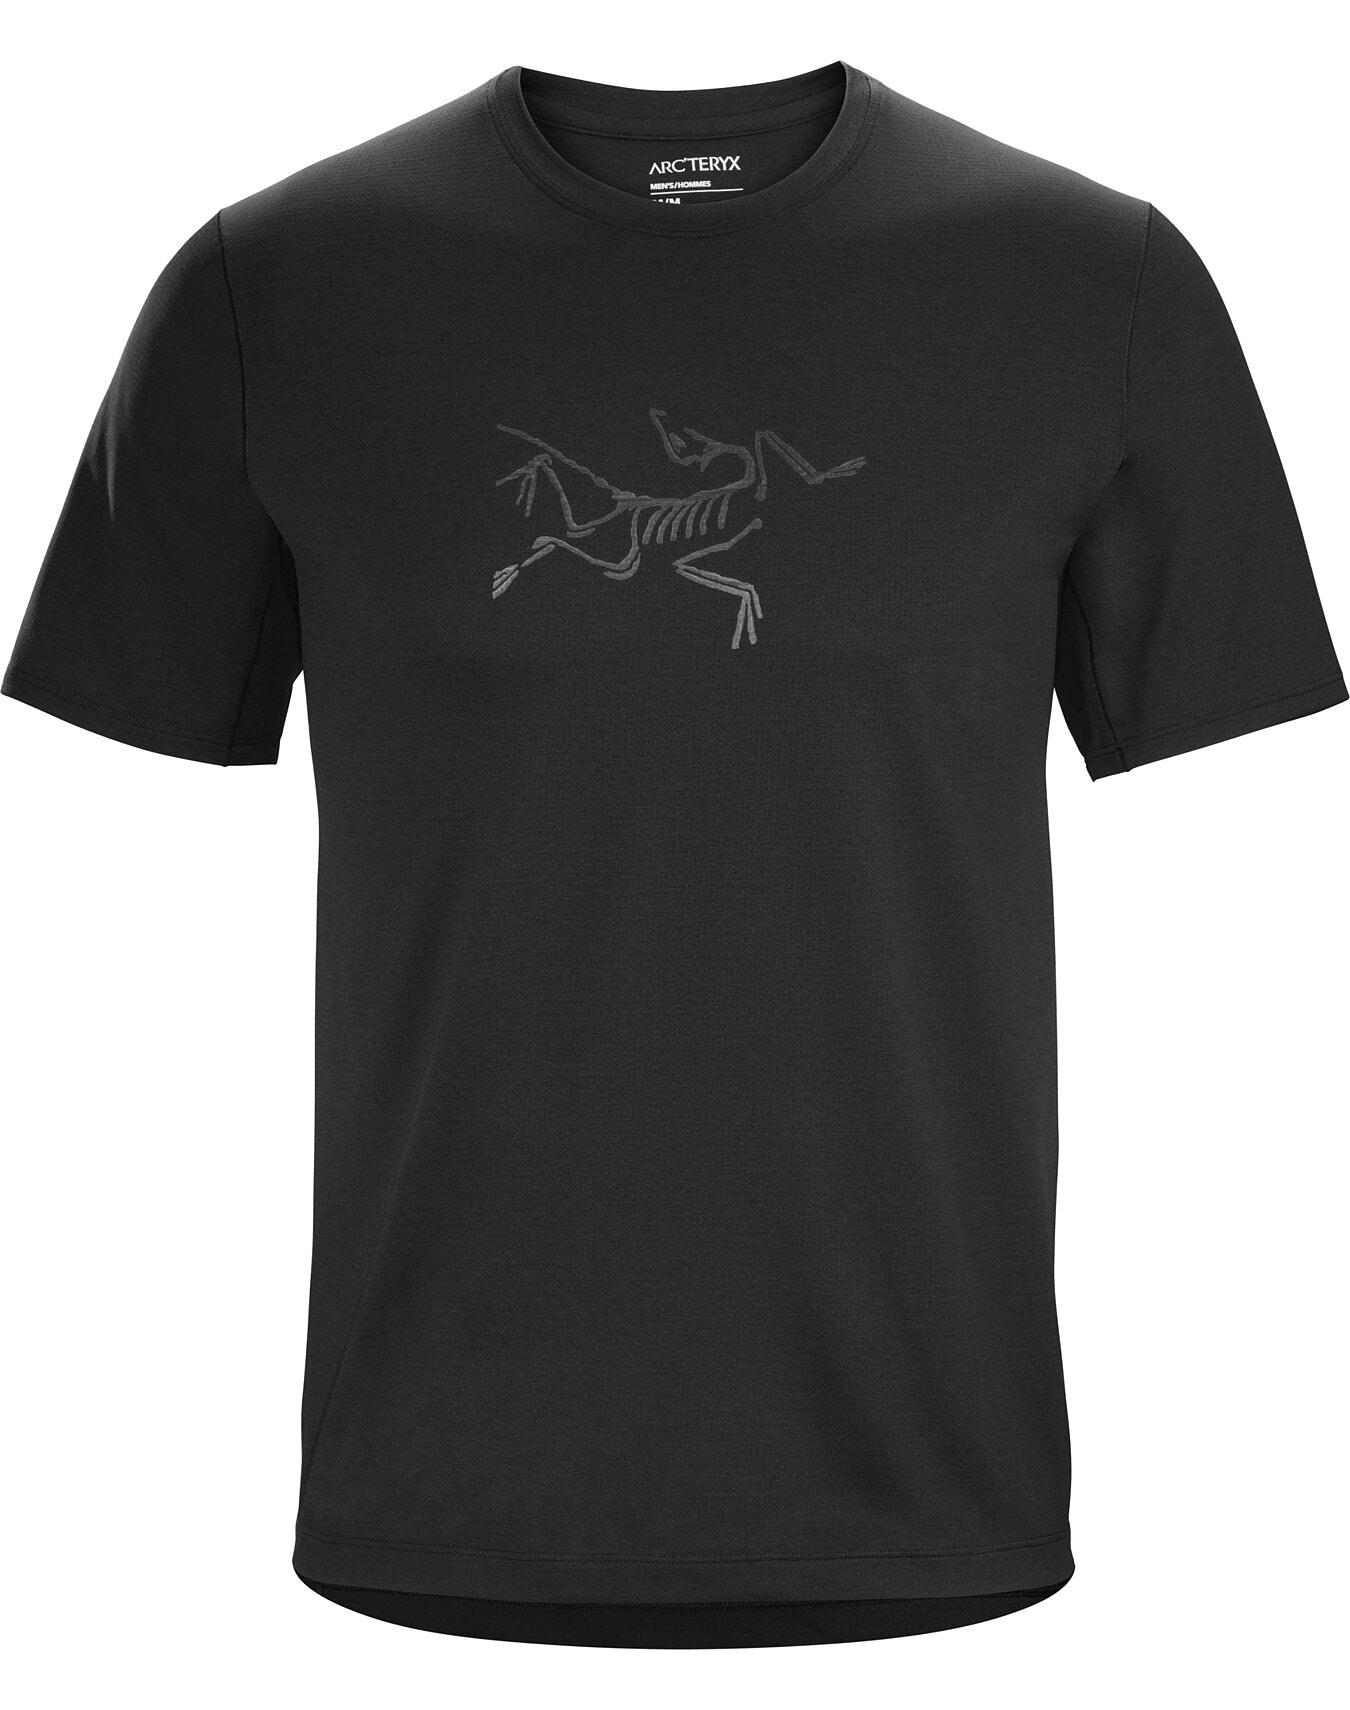 Arcteryx t-shirt